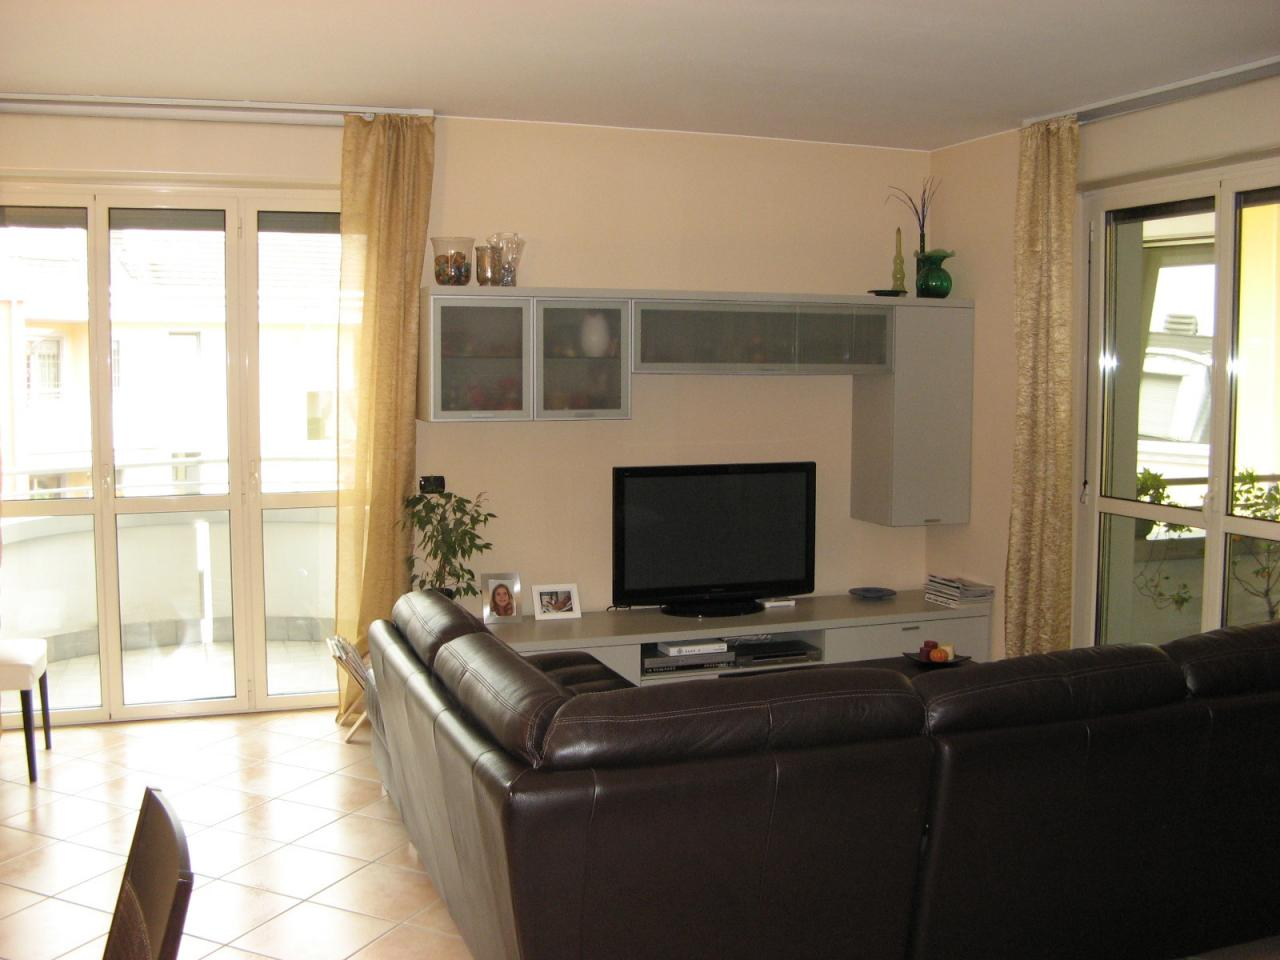 Appartamento in vendita a Trezzano sul Naviglio, 3 locali, zona Località: Azalee, prezzo € 265.000   CambioCasa.it